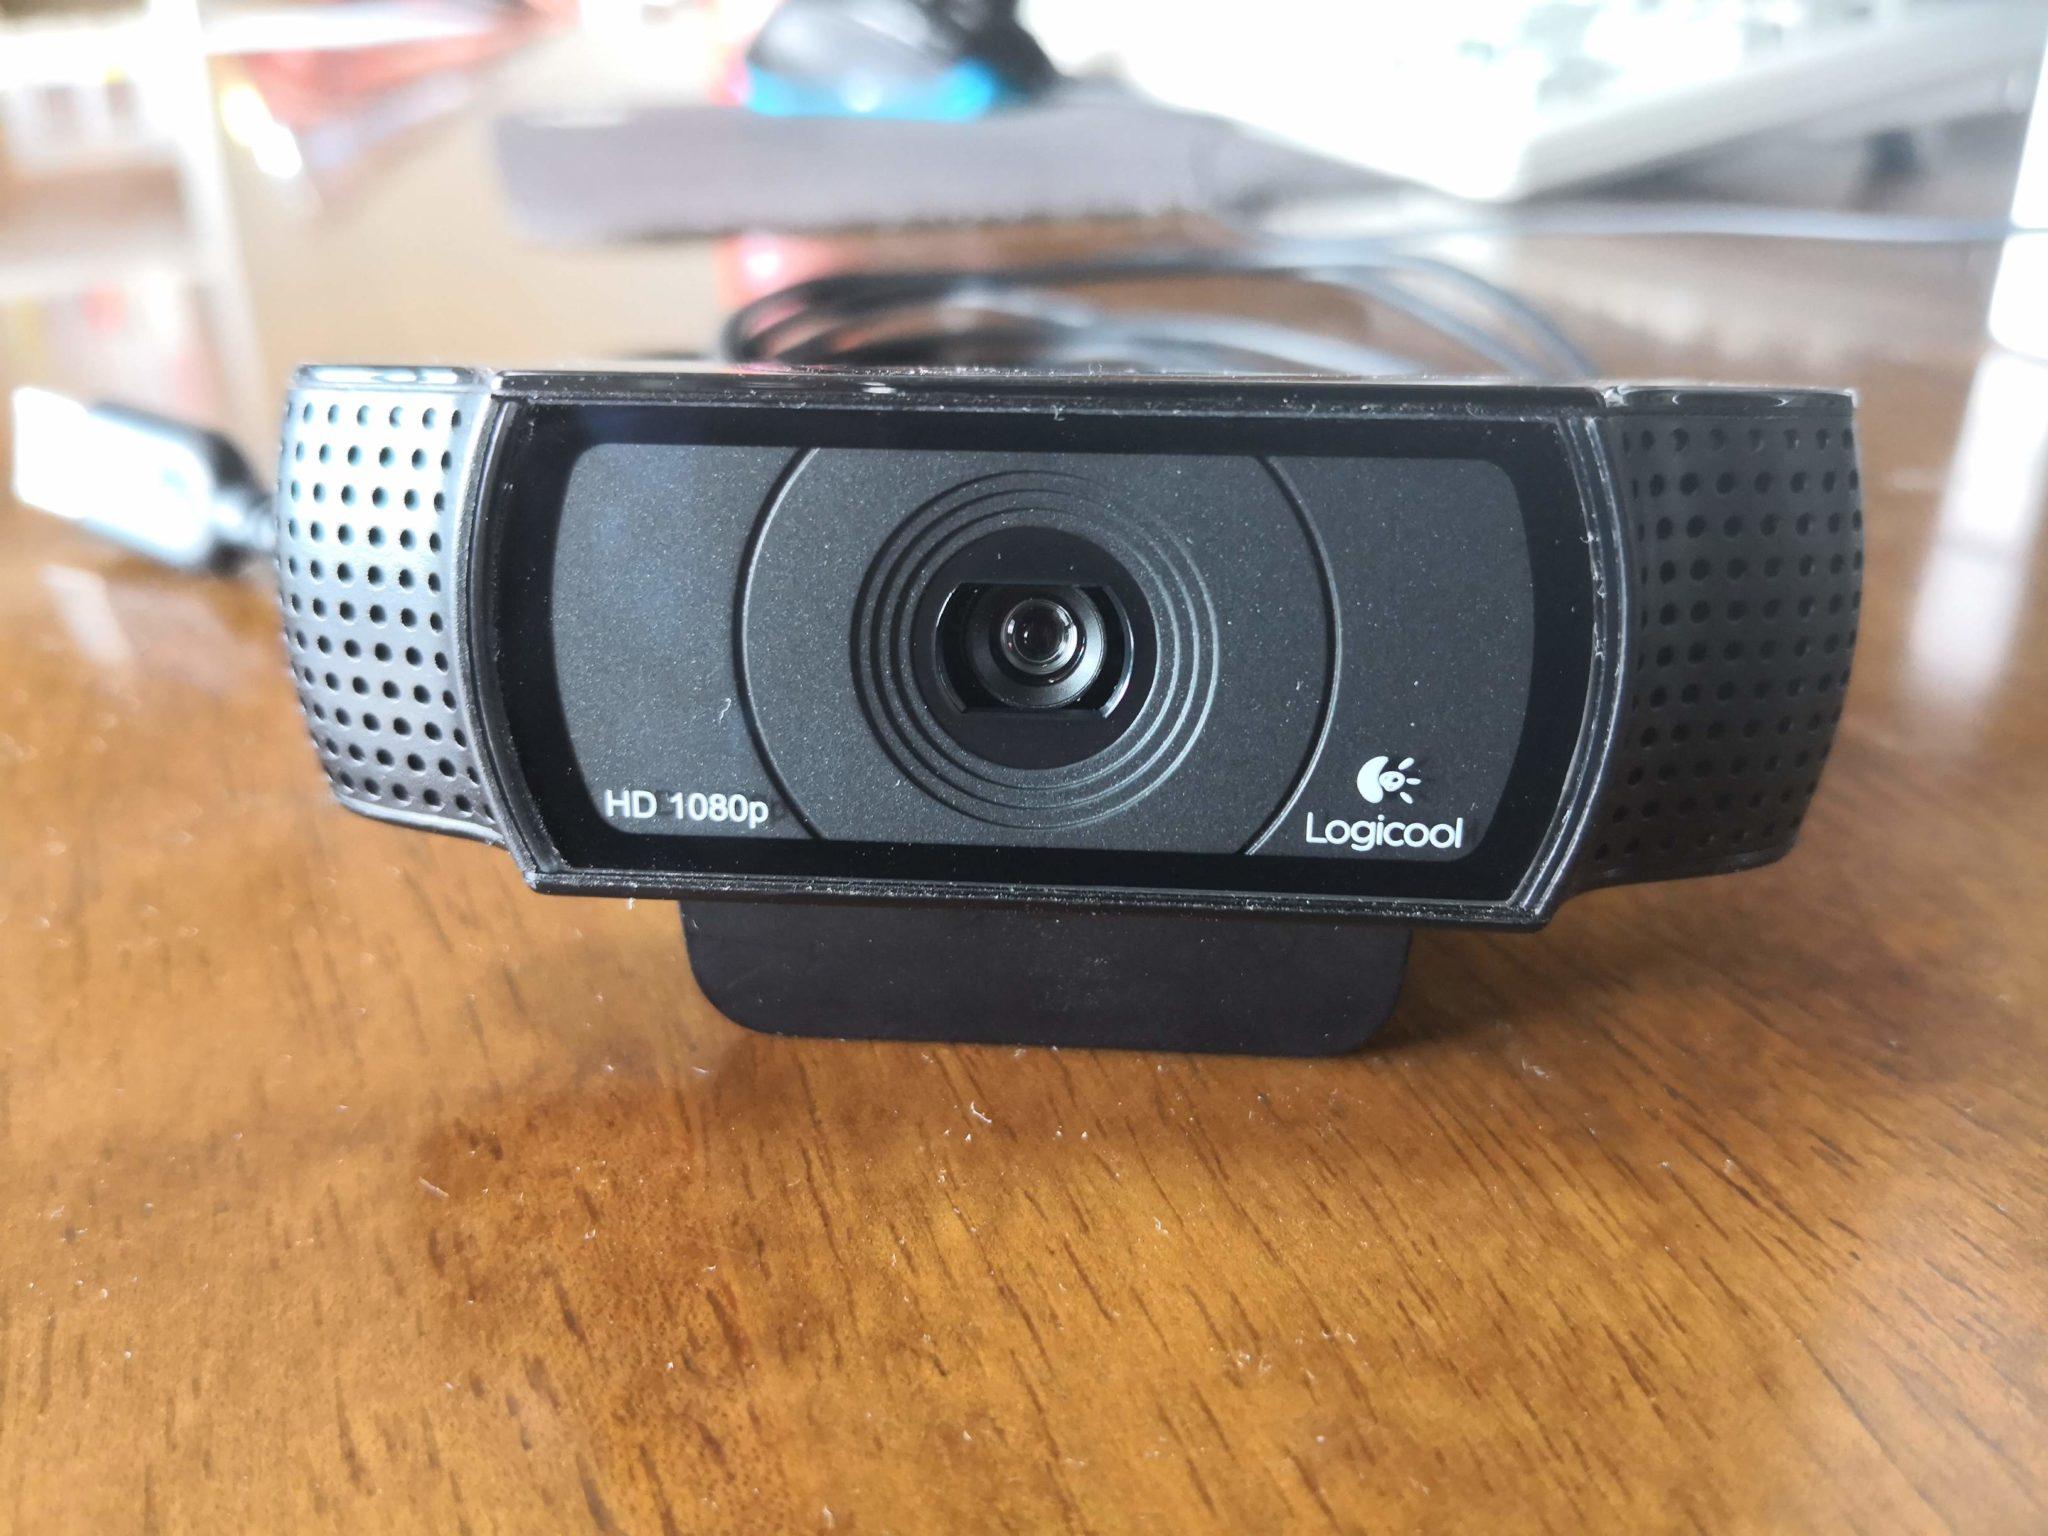 【Logicool C920rレビュー】フルHD1080p対応の高画質ウェブカメラ。PCでの動画撮影ならこれがおすすめ。